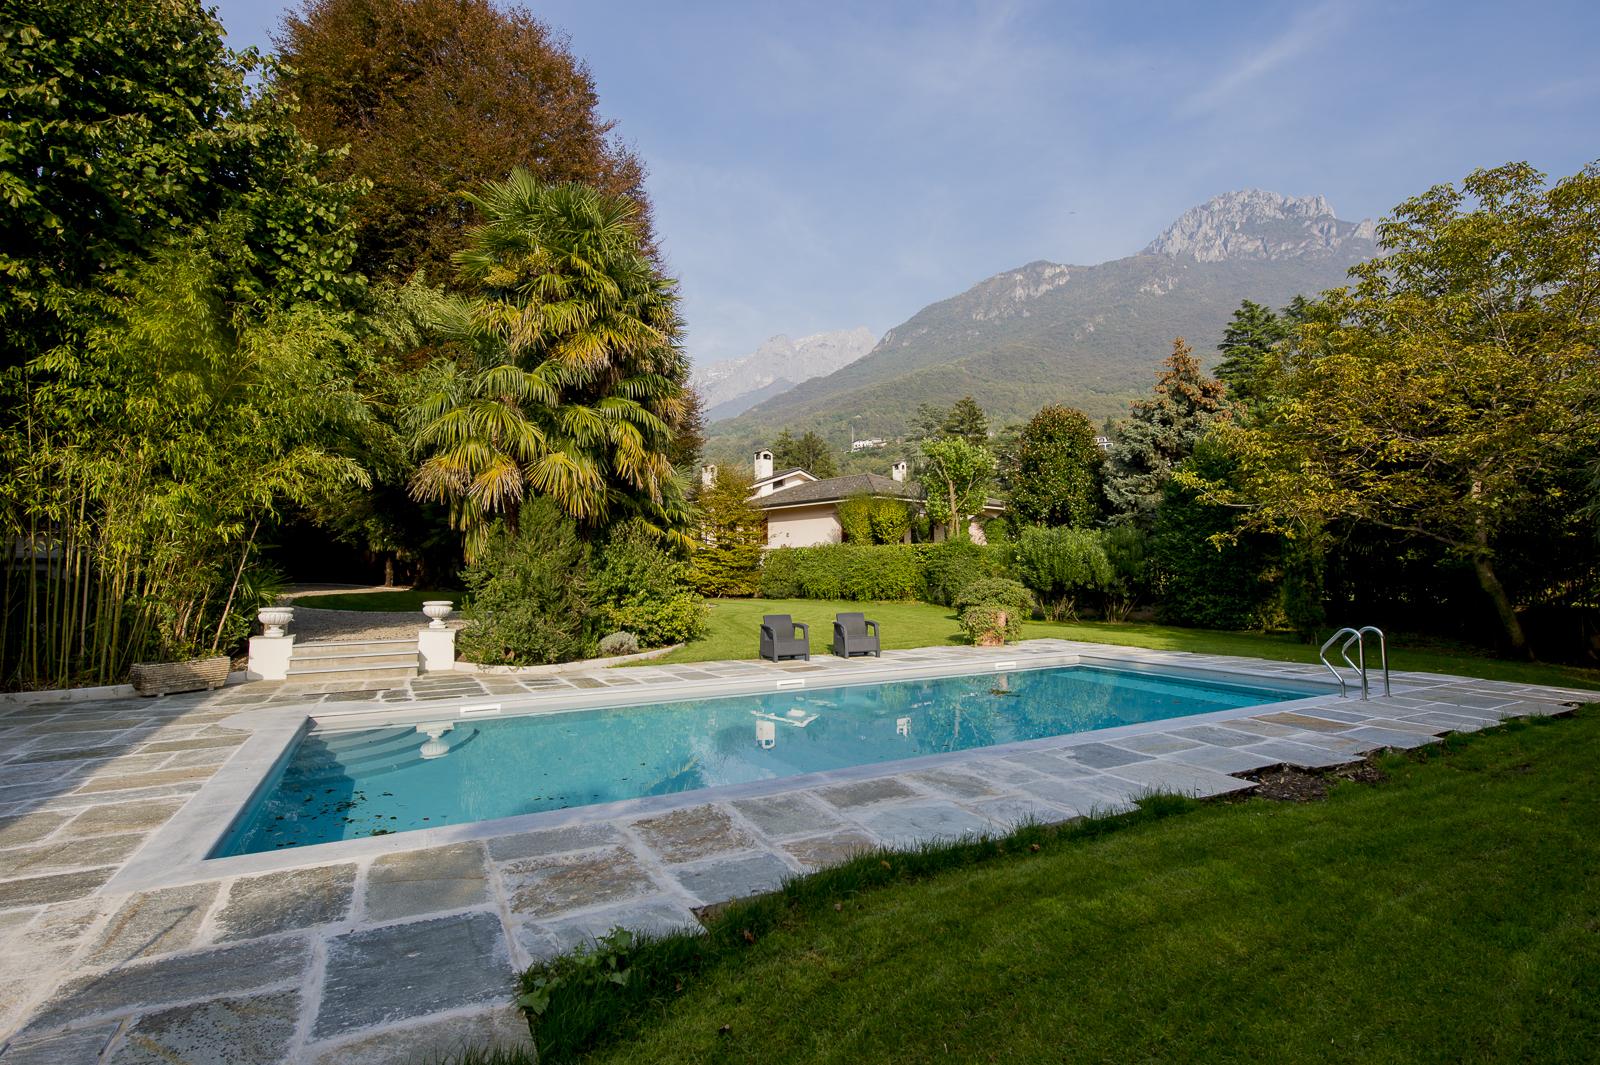 Giardino e piscina villa confalonieri for Disposizione del piano piscina